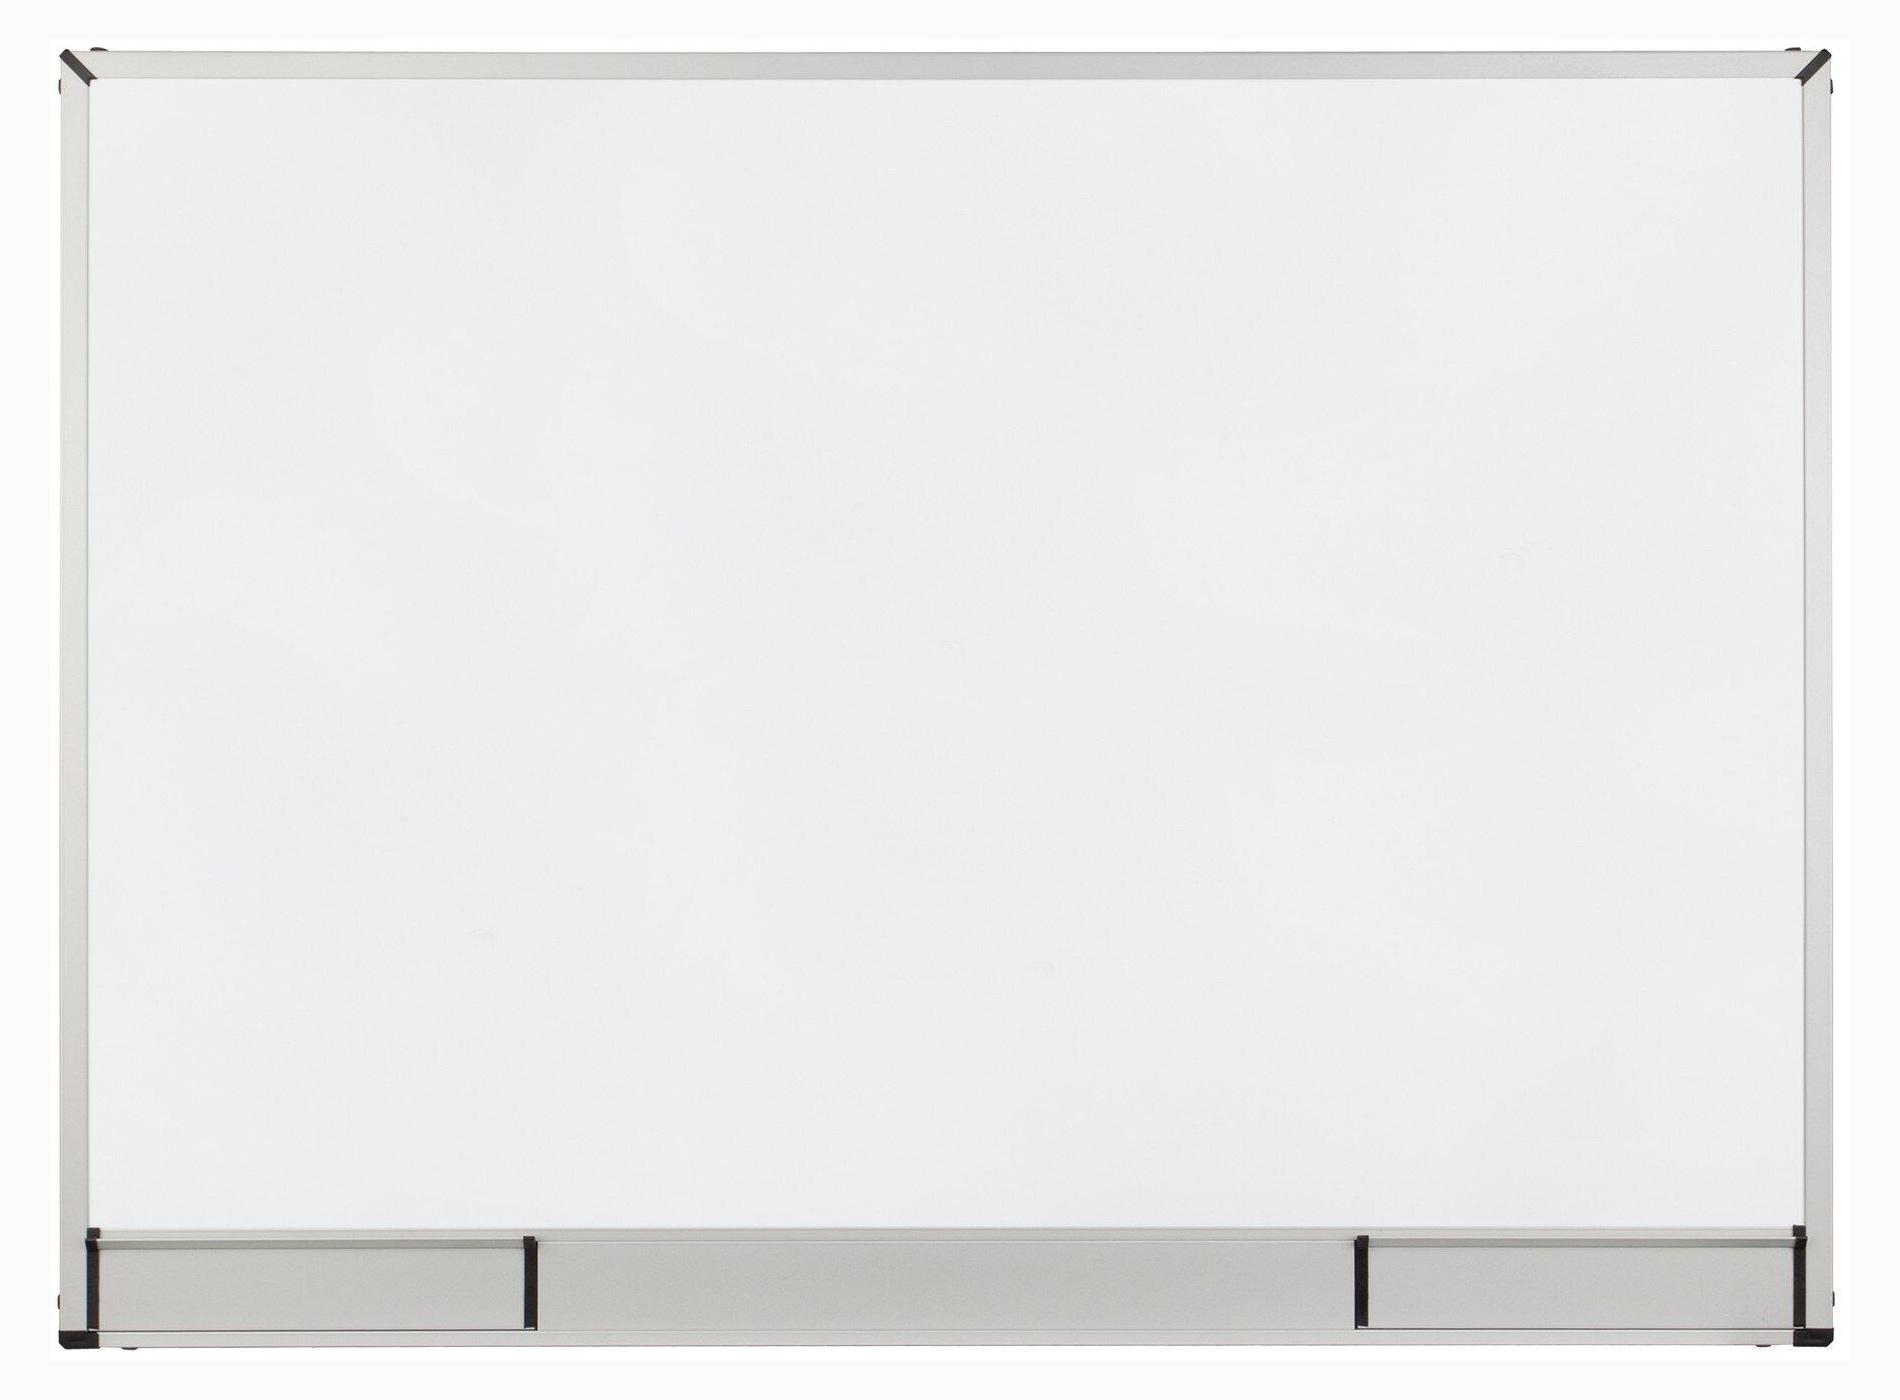 Доска белая магнитная сухостираемая StarBoard 60*90см., алюминиевая рамка, лак